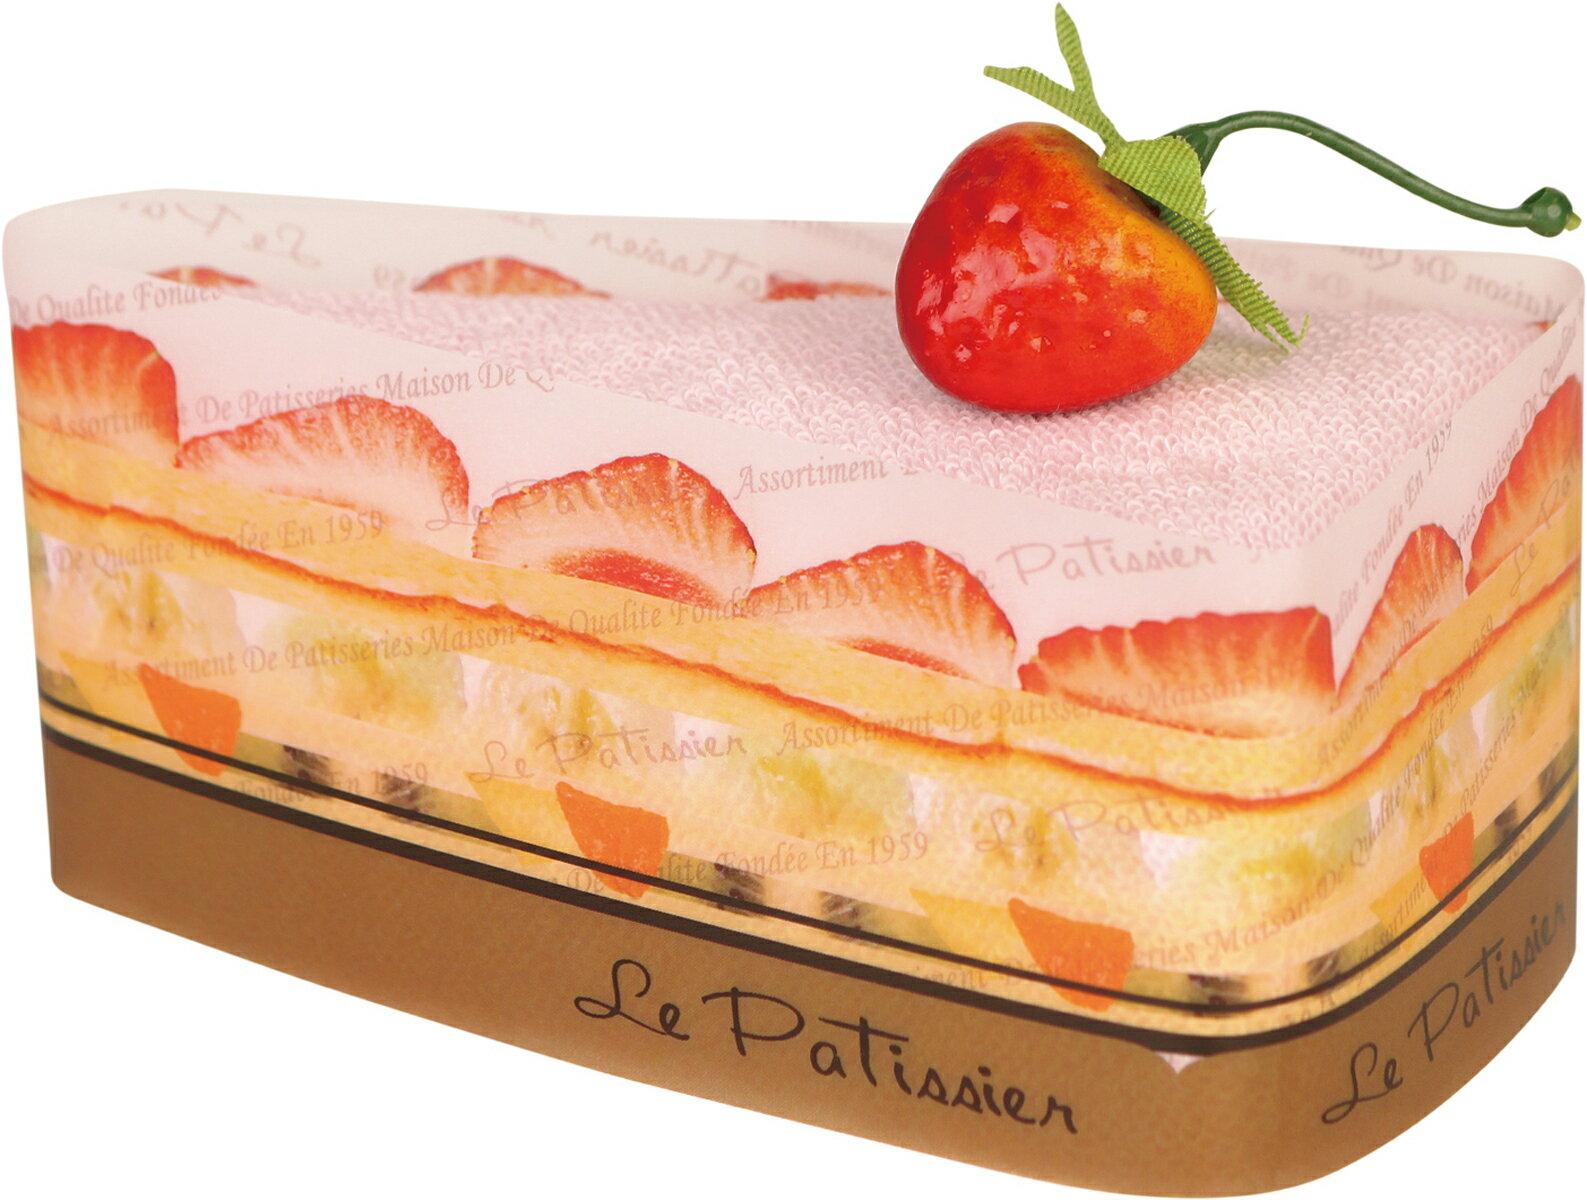 プレーリードッグ トライアングルケーキ サクラ LPSR-7021【あす楽対応】【今治タオル】【ケーキタオル】【上質な肌触り】【日本製】【タオルギフト】【プチギフト】【簡易ラッピング済】 見た目に美味しく、貰って嬉しいタオルギフト。 お返しにぴったりのプチギフト。